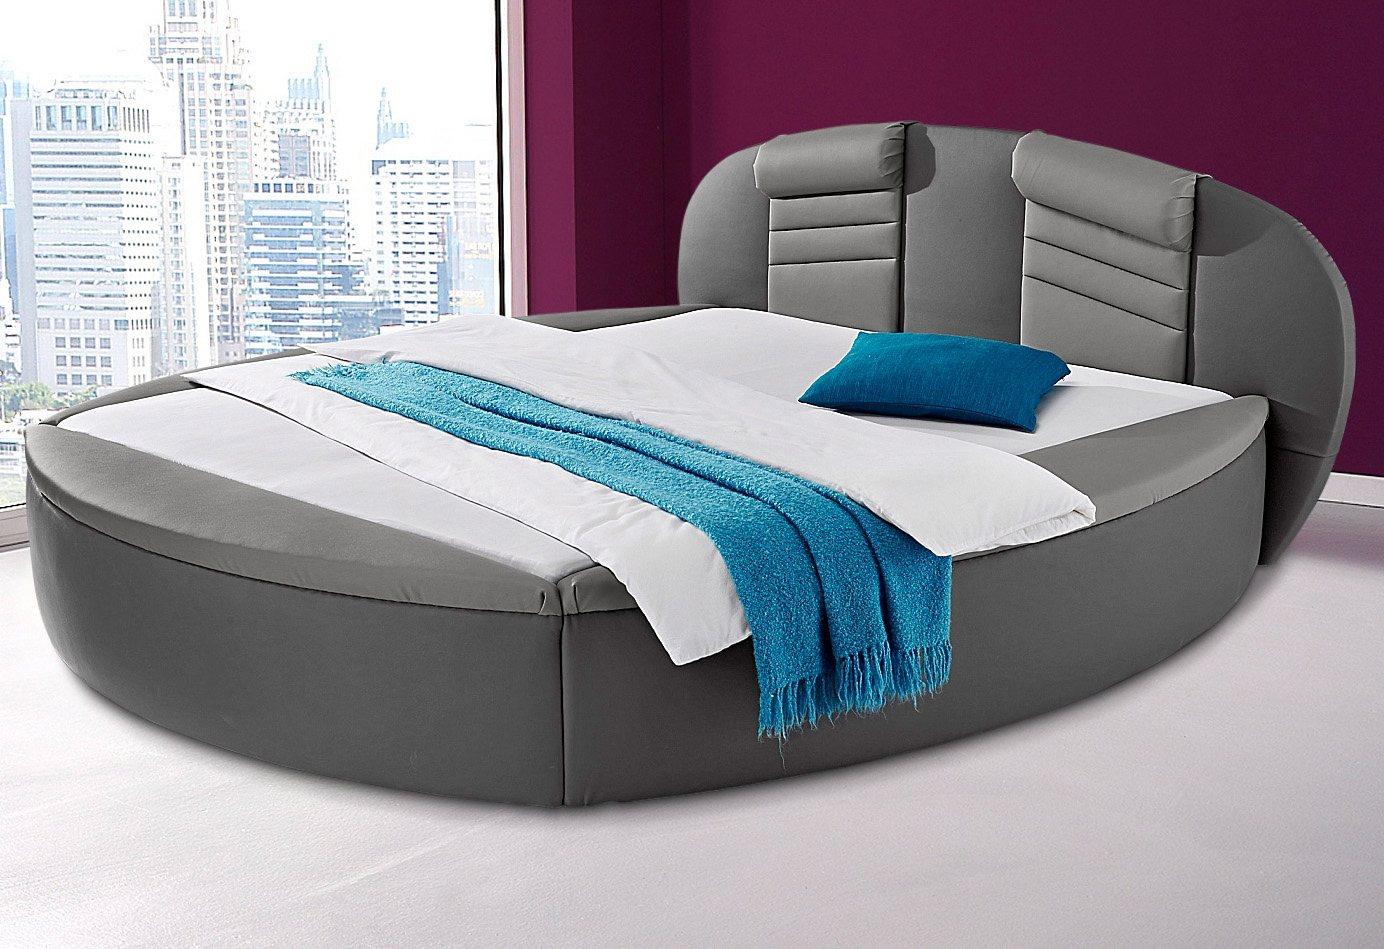 Westfalia Schlafkomfort Rundbett | Schlafzimmer > Betten > Rundbetten | Grau | Kunstleder | Westfalia Schlafkomfort